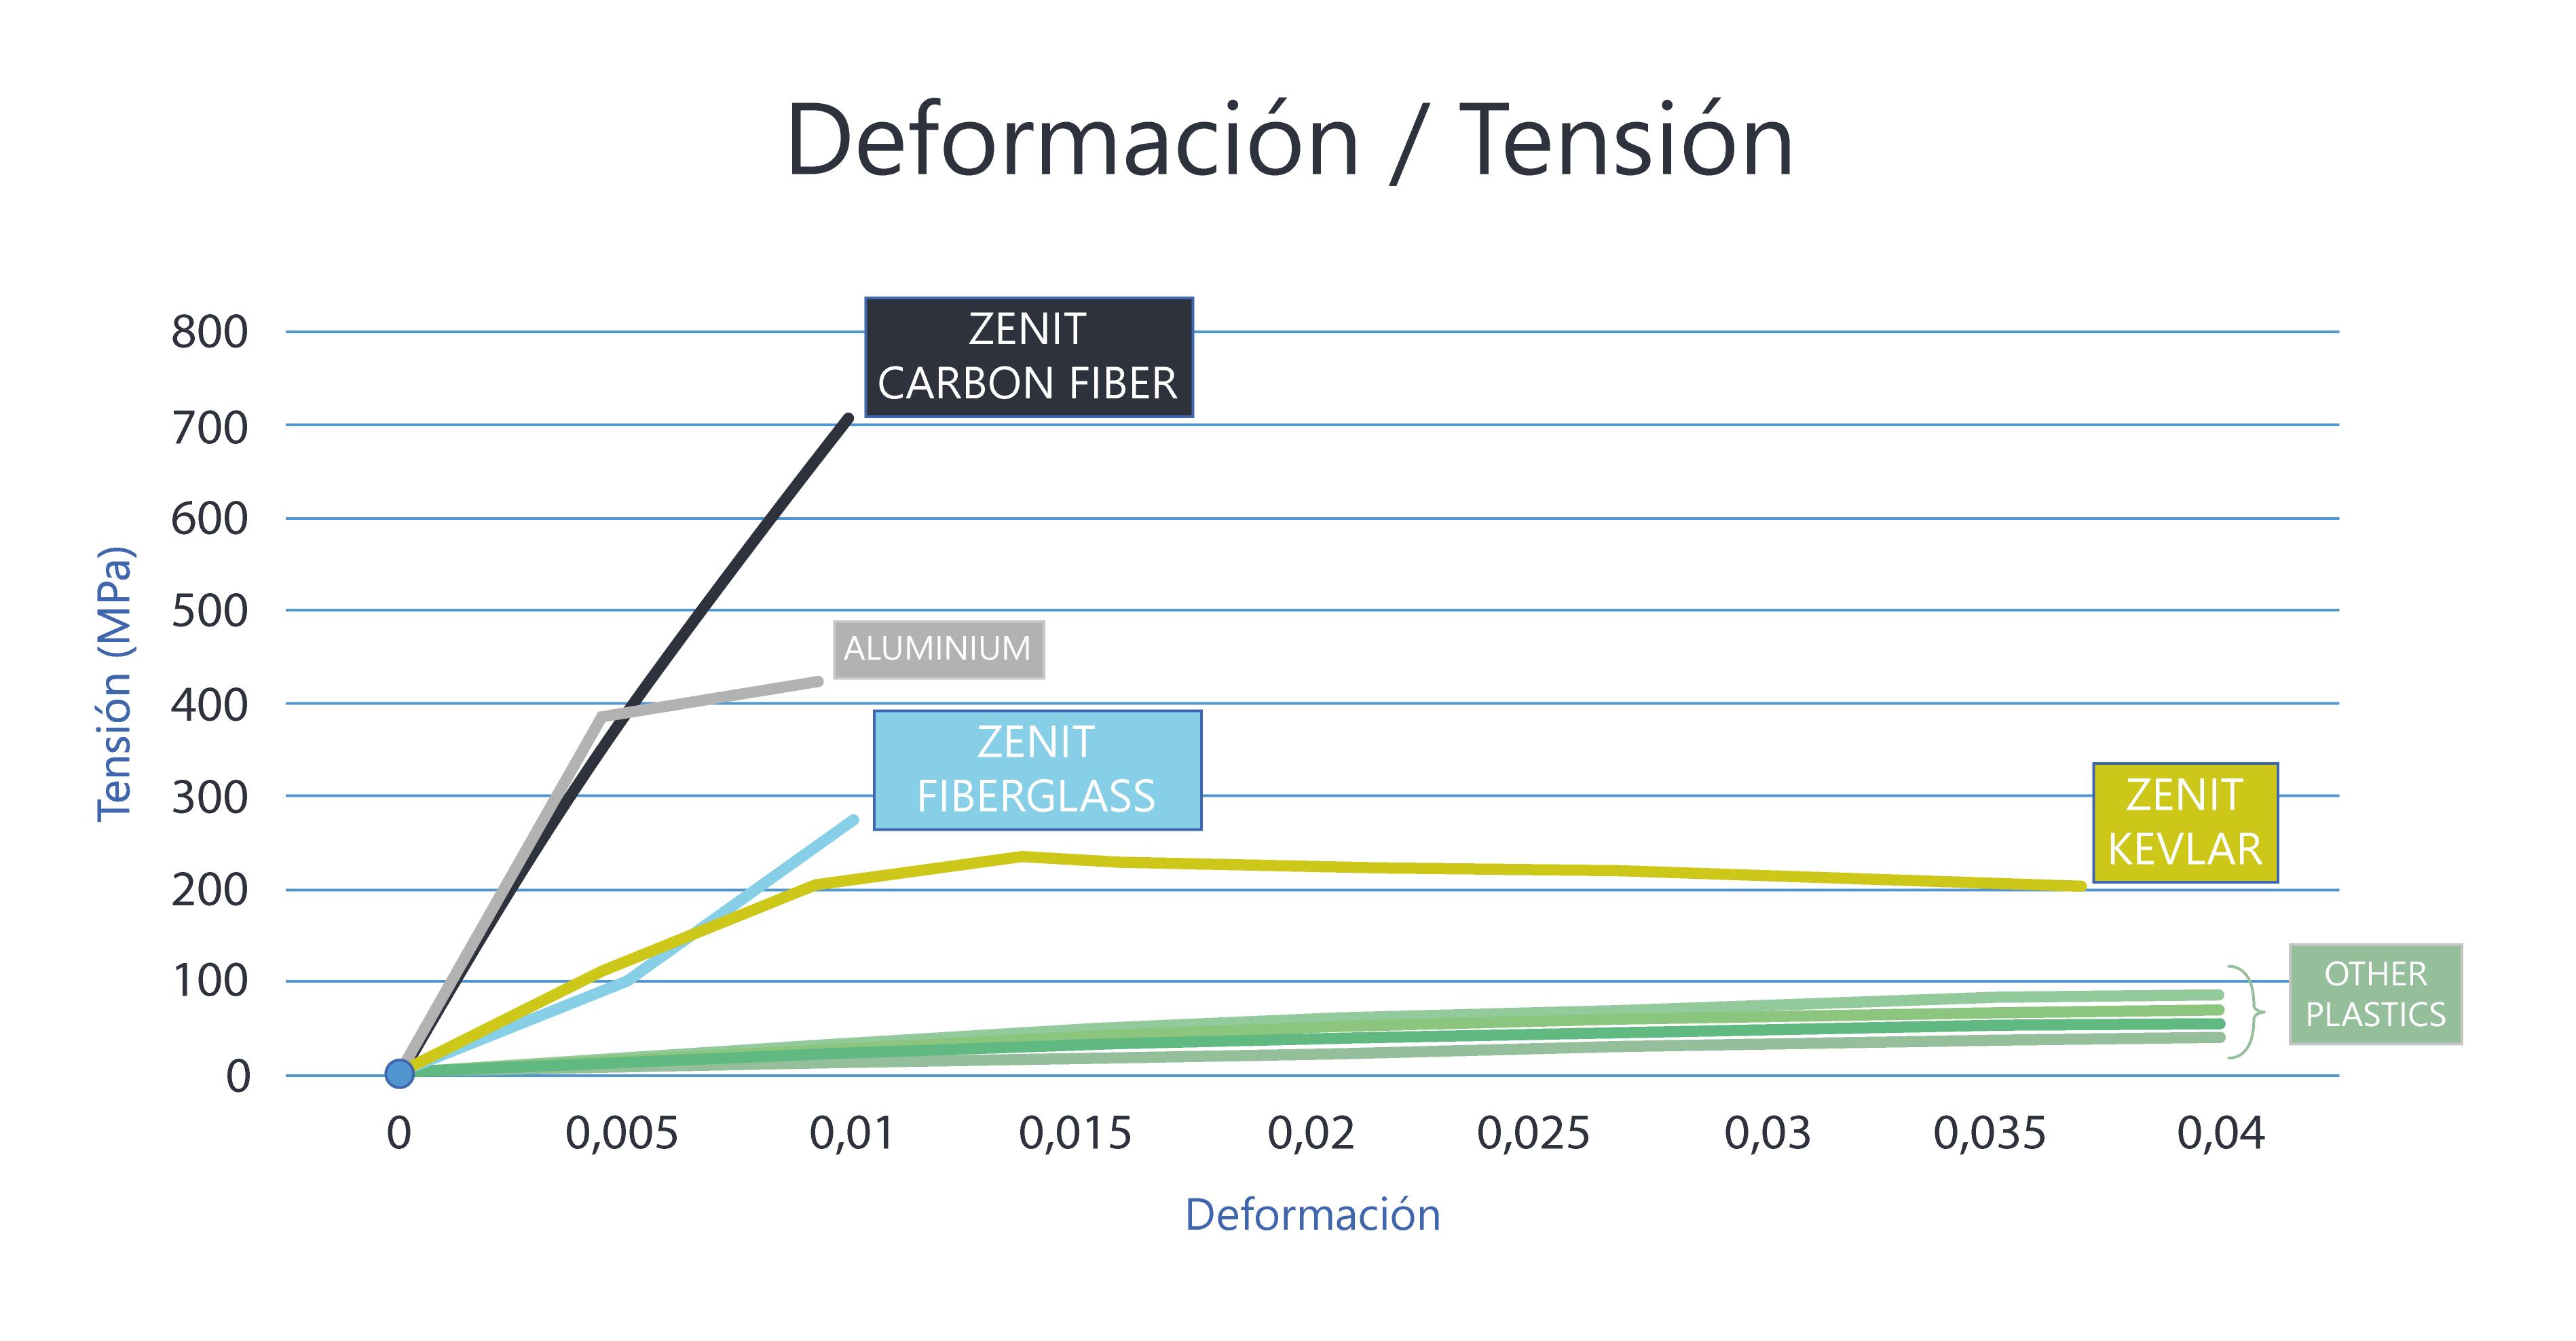 Gráfico Deformación - Tensión.png